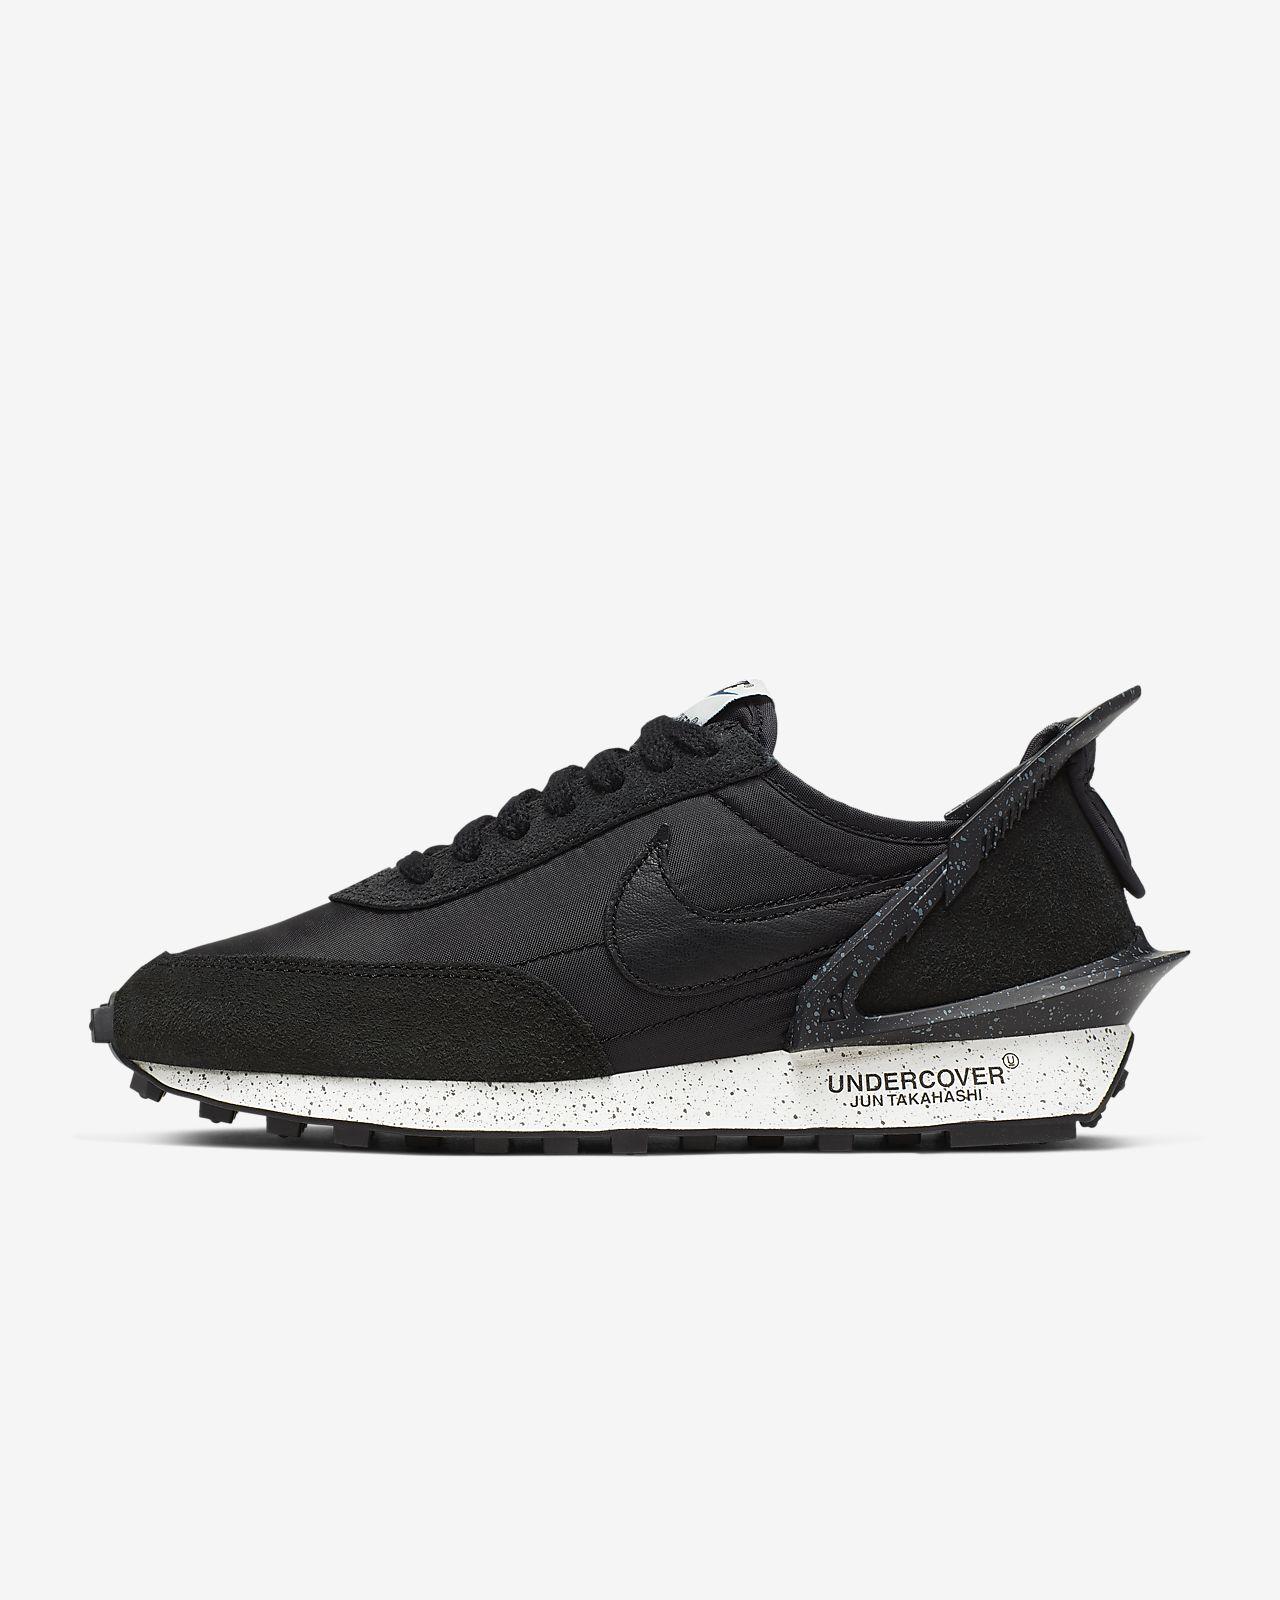 Nike x Undercover Daybreak Women's Shoe